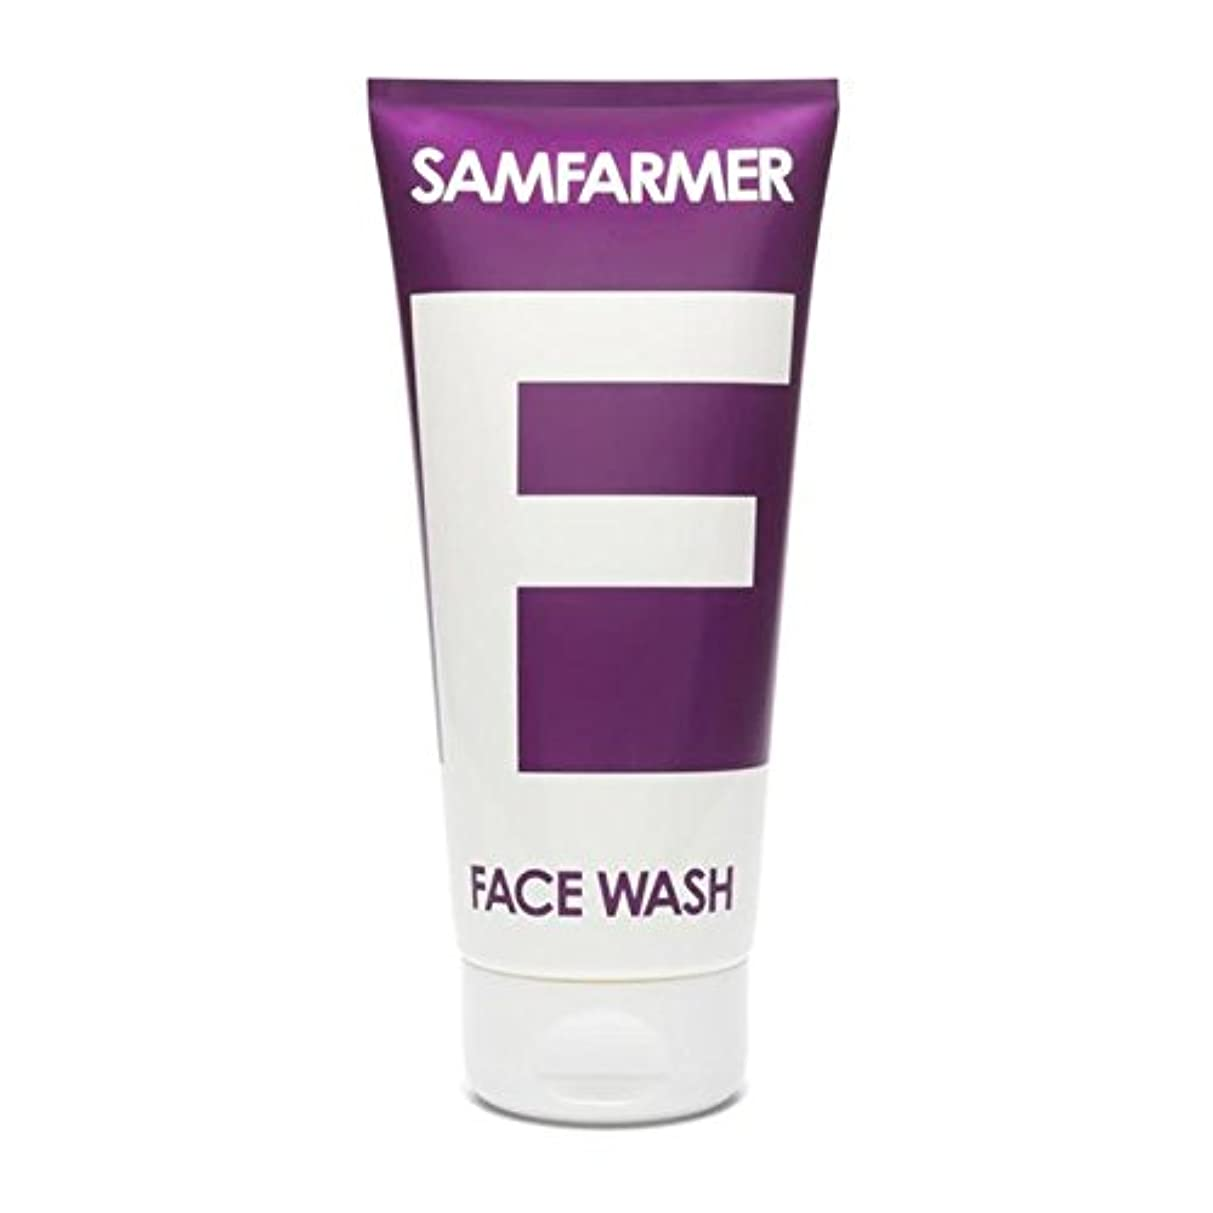 ユニセックスフェイスウォッシュ200ミリリットル x4 - SAMFARMER Unisex Face Wash 200ml (Pack of 4) [並行輸入品]